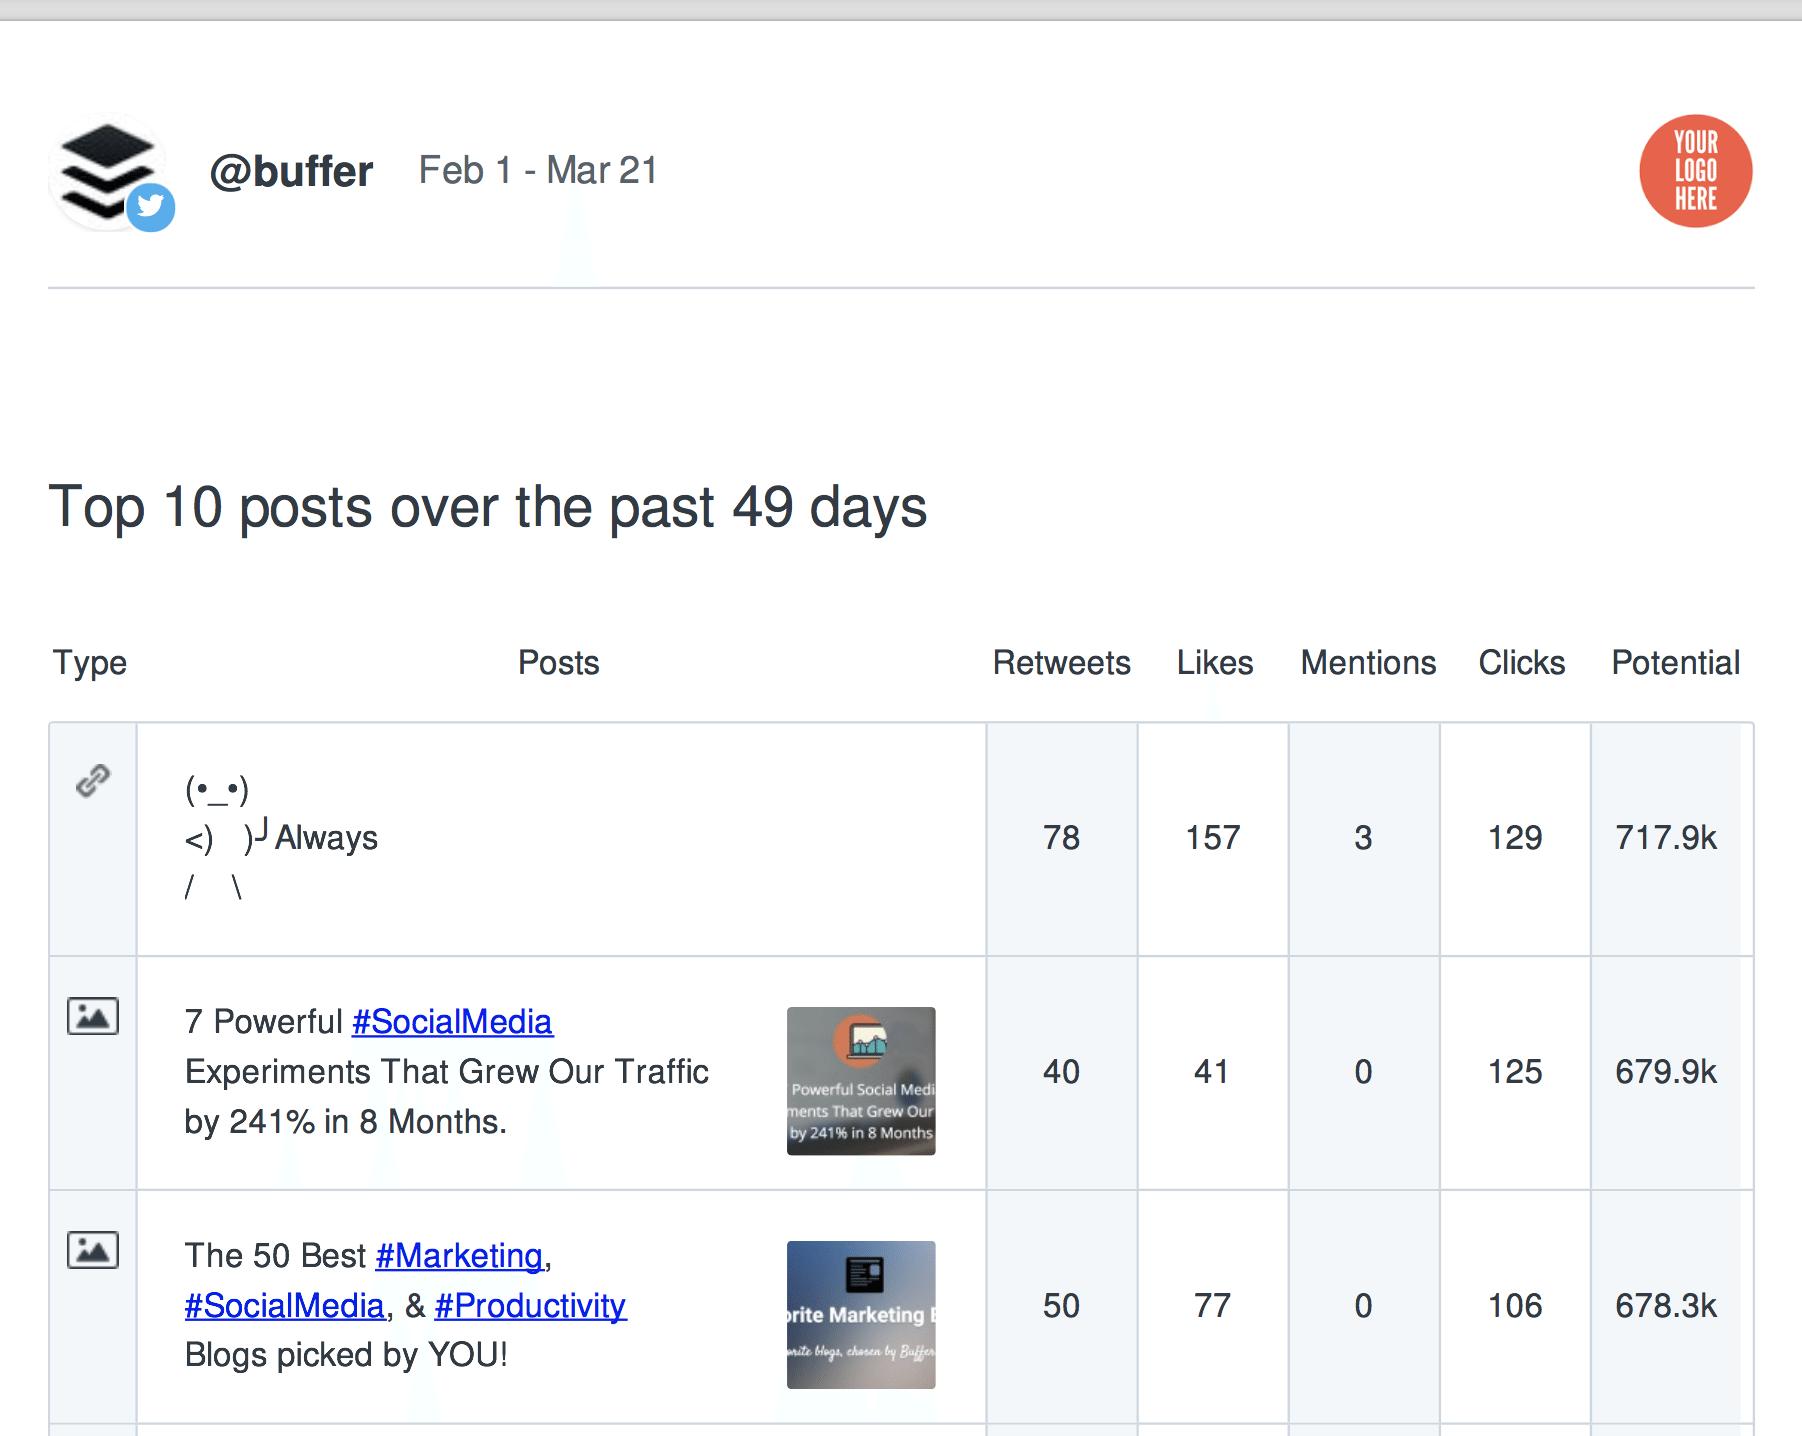 Top Posts Report